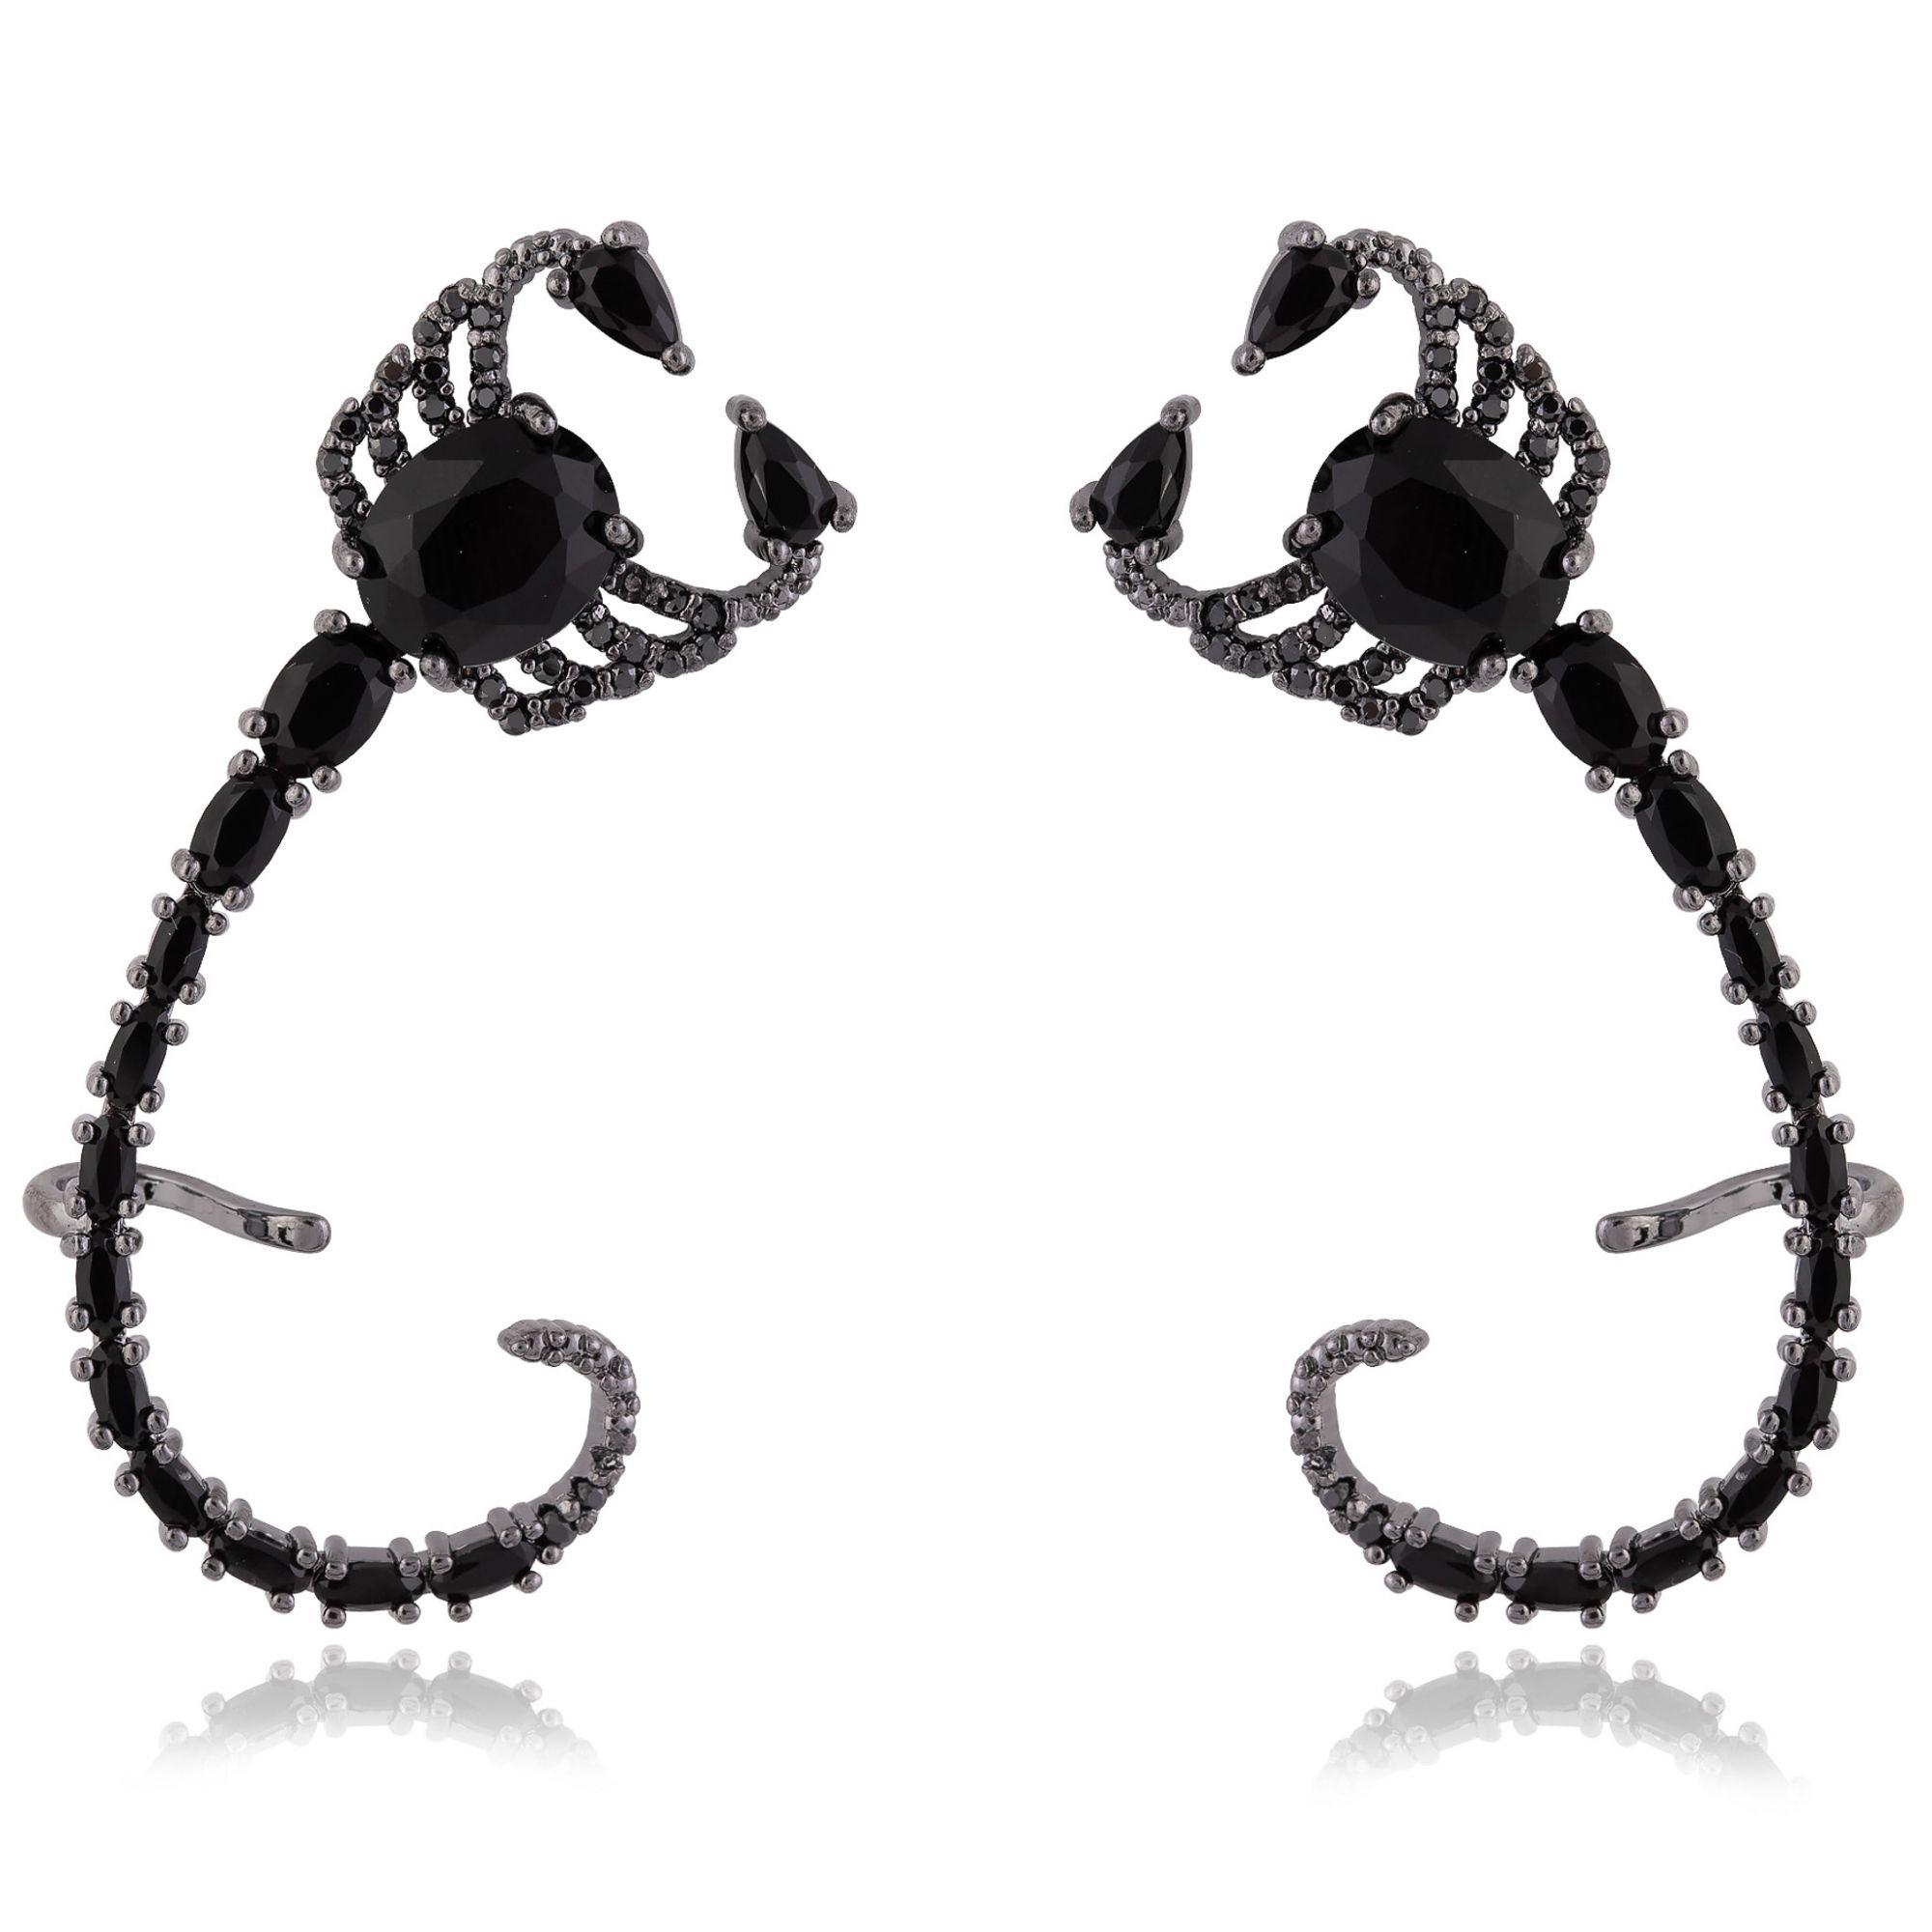 Brinco ear cuff de escorpião com zircônias negras banho de grafite.  - romabrazil.com.br